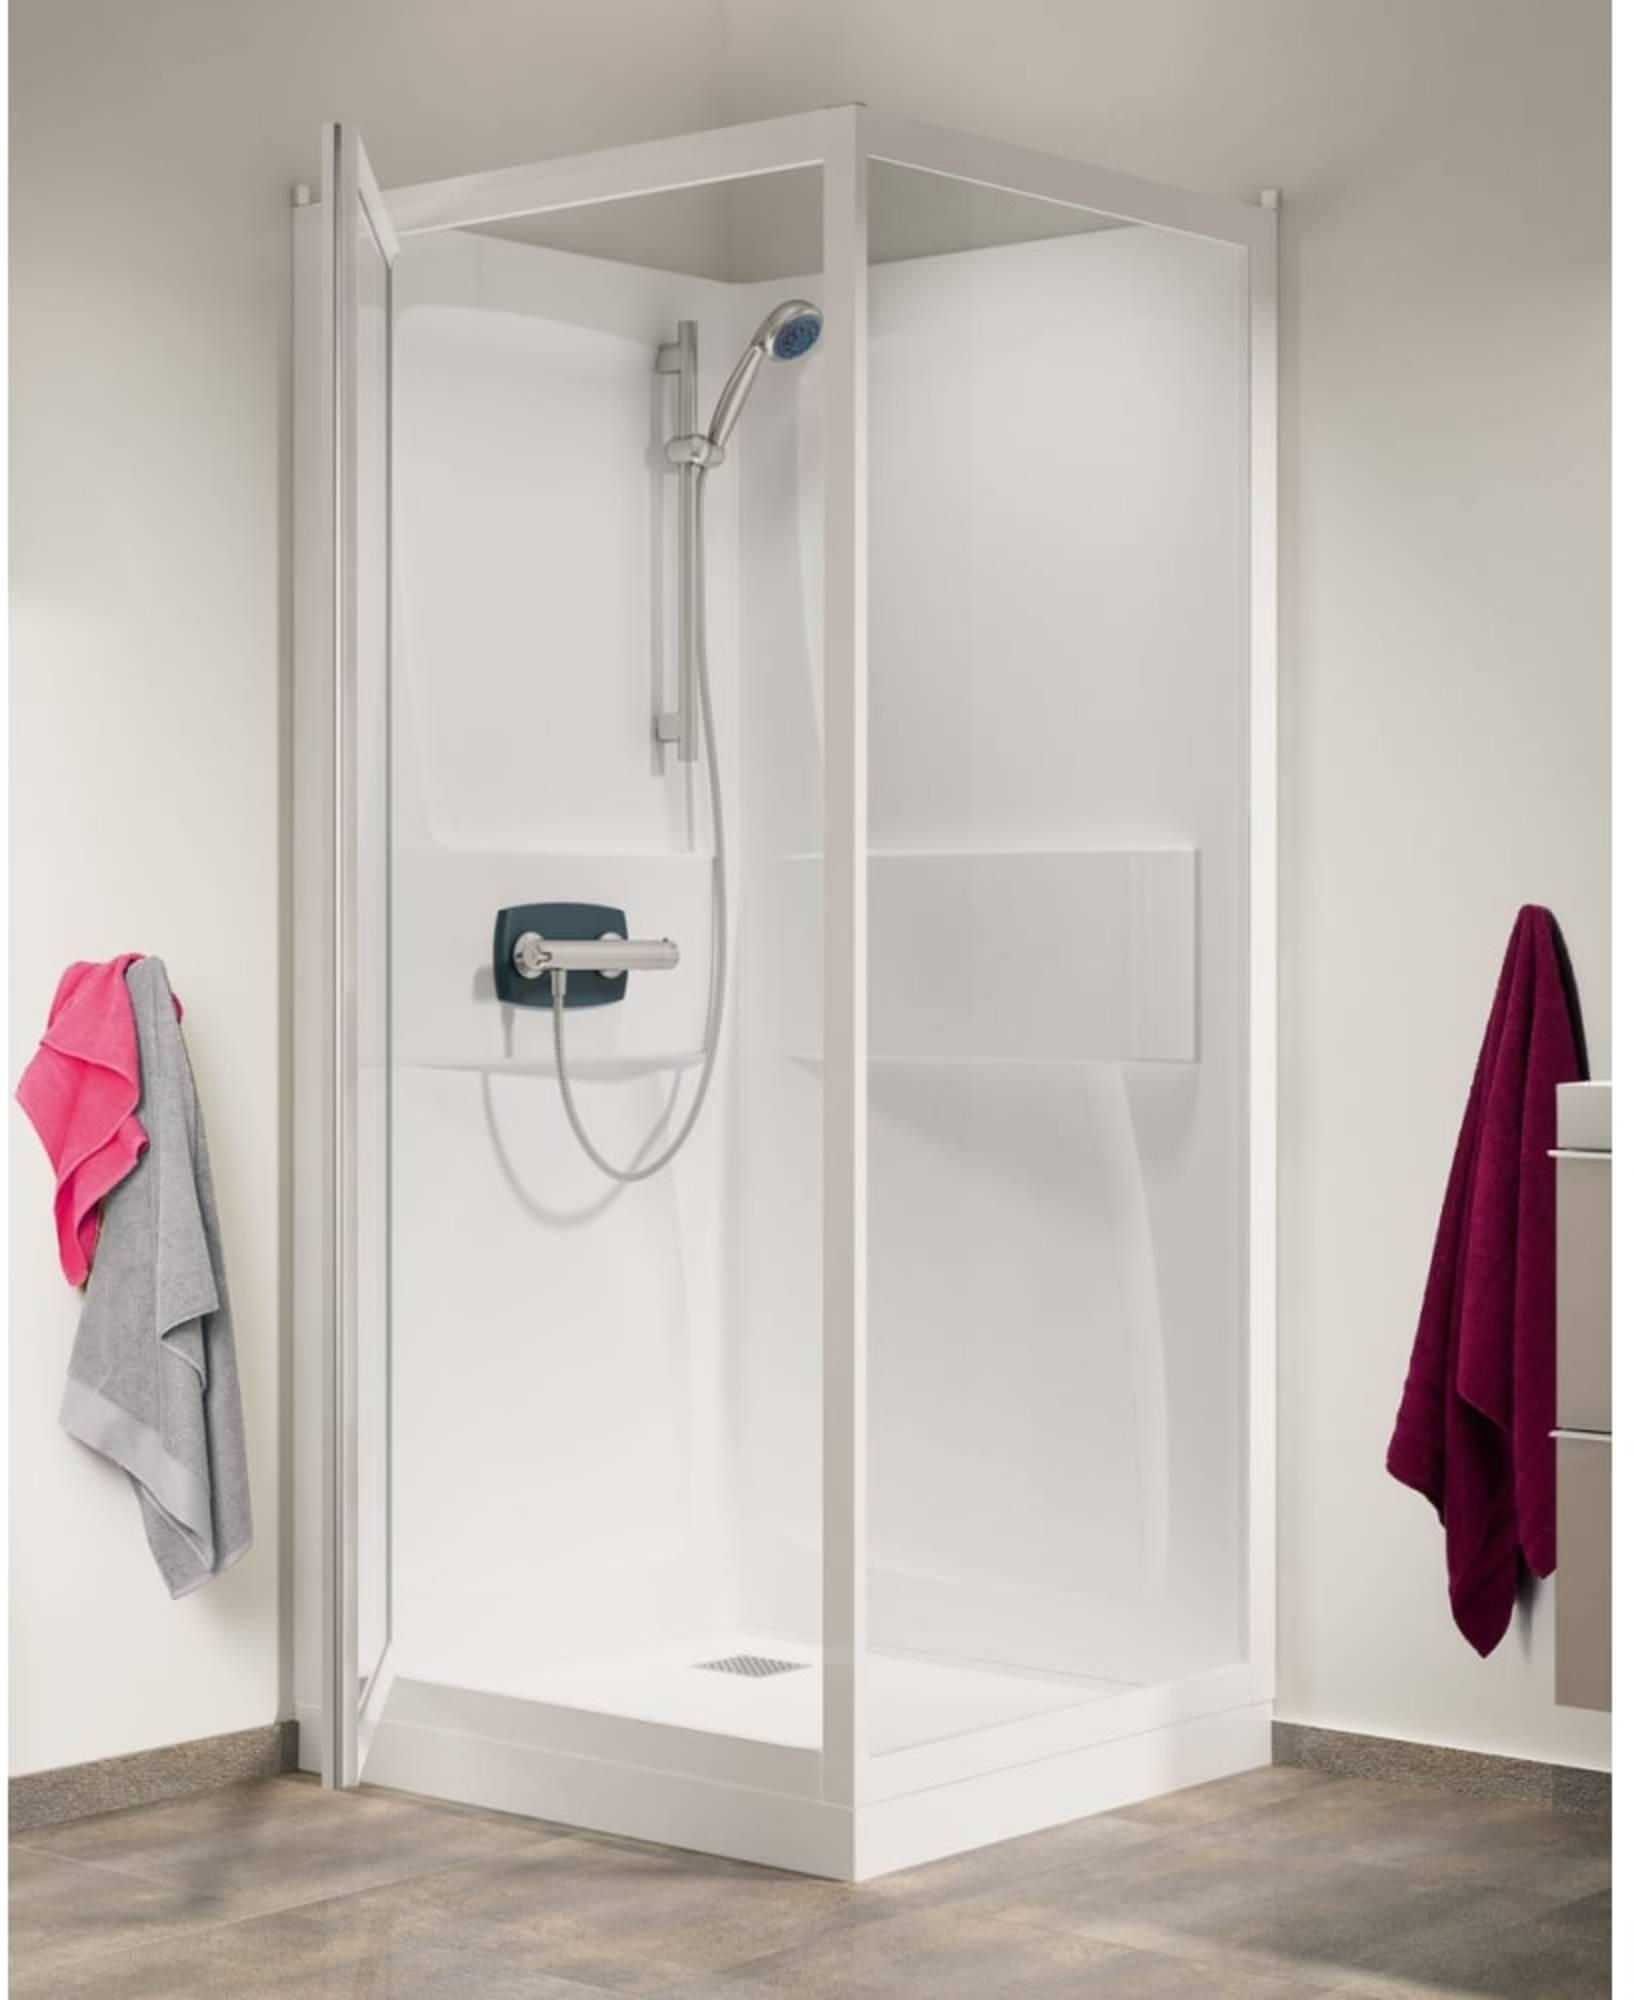 Productafbeelding van Kinedo Kineprime cabine 80x208 Draaideur+thermostaat Douchebak 18cm